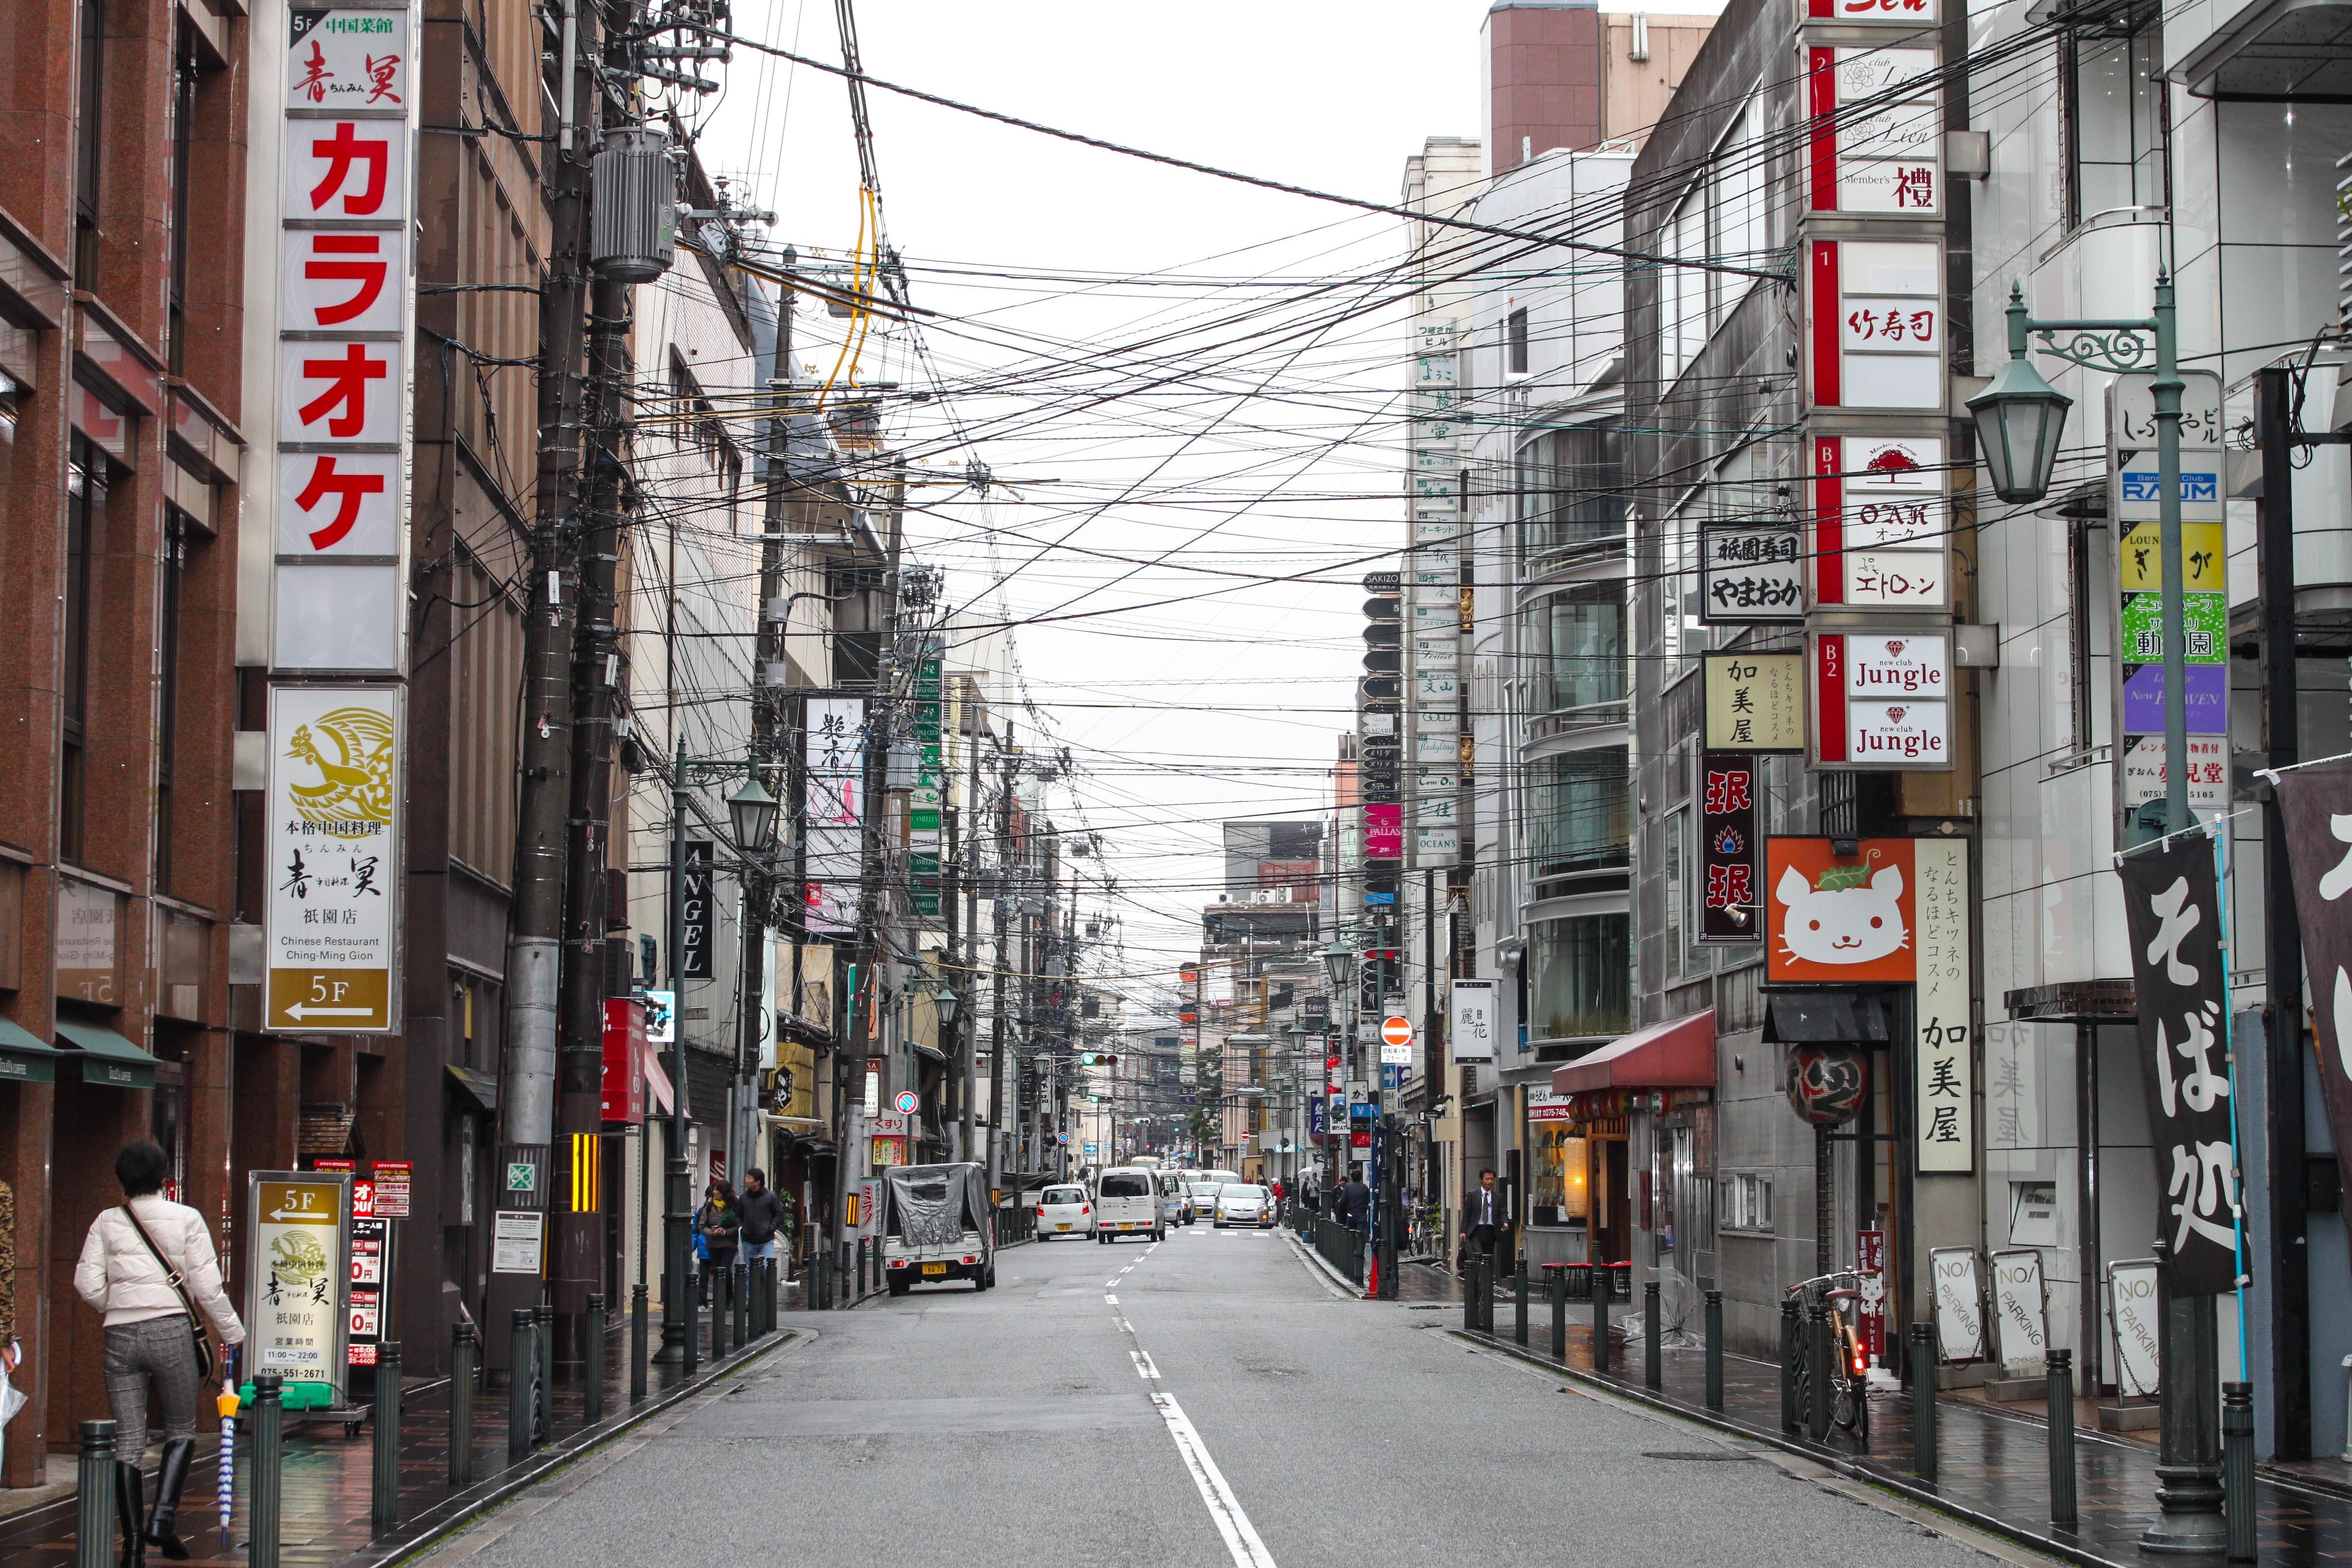 Tokyo va hanh trinh kham pha nhip song thuong ngay o Nhat Ban hinh anh 79